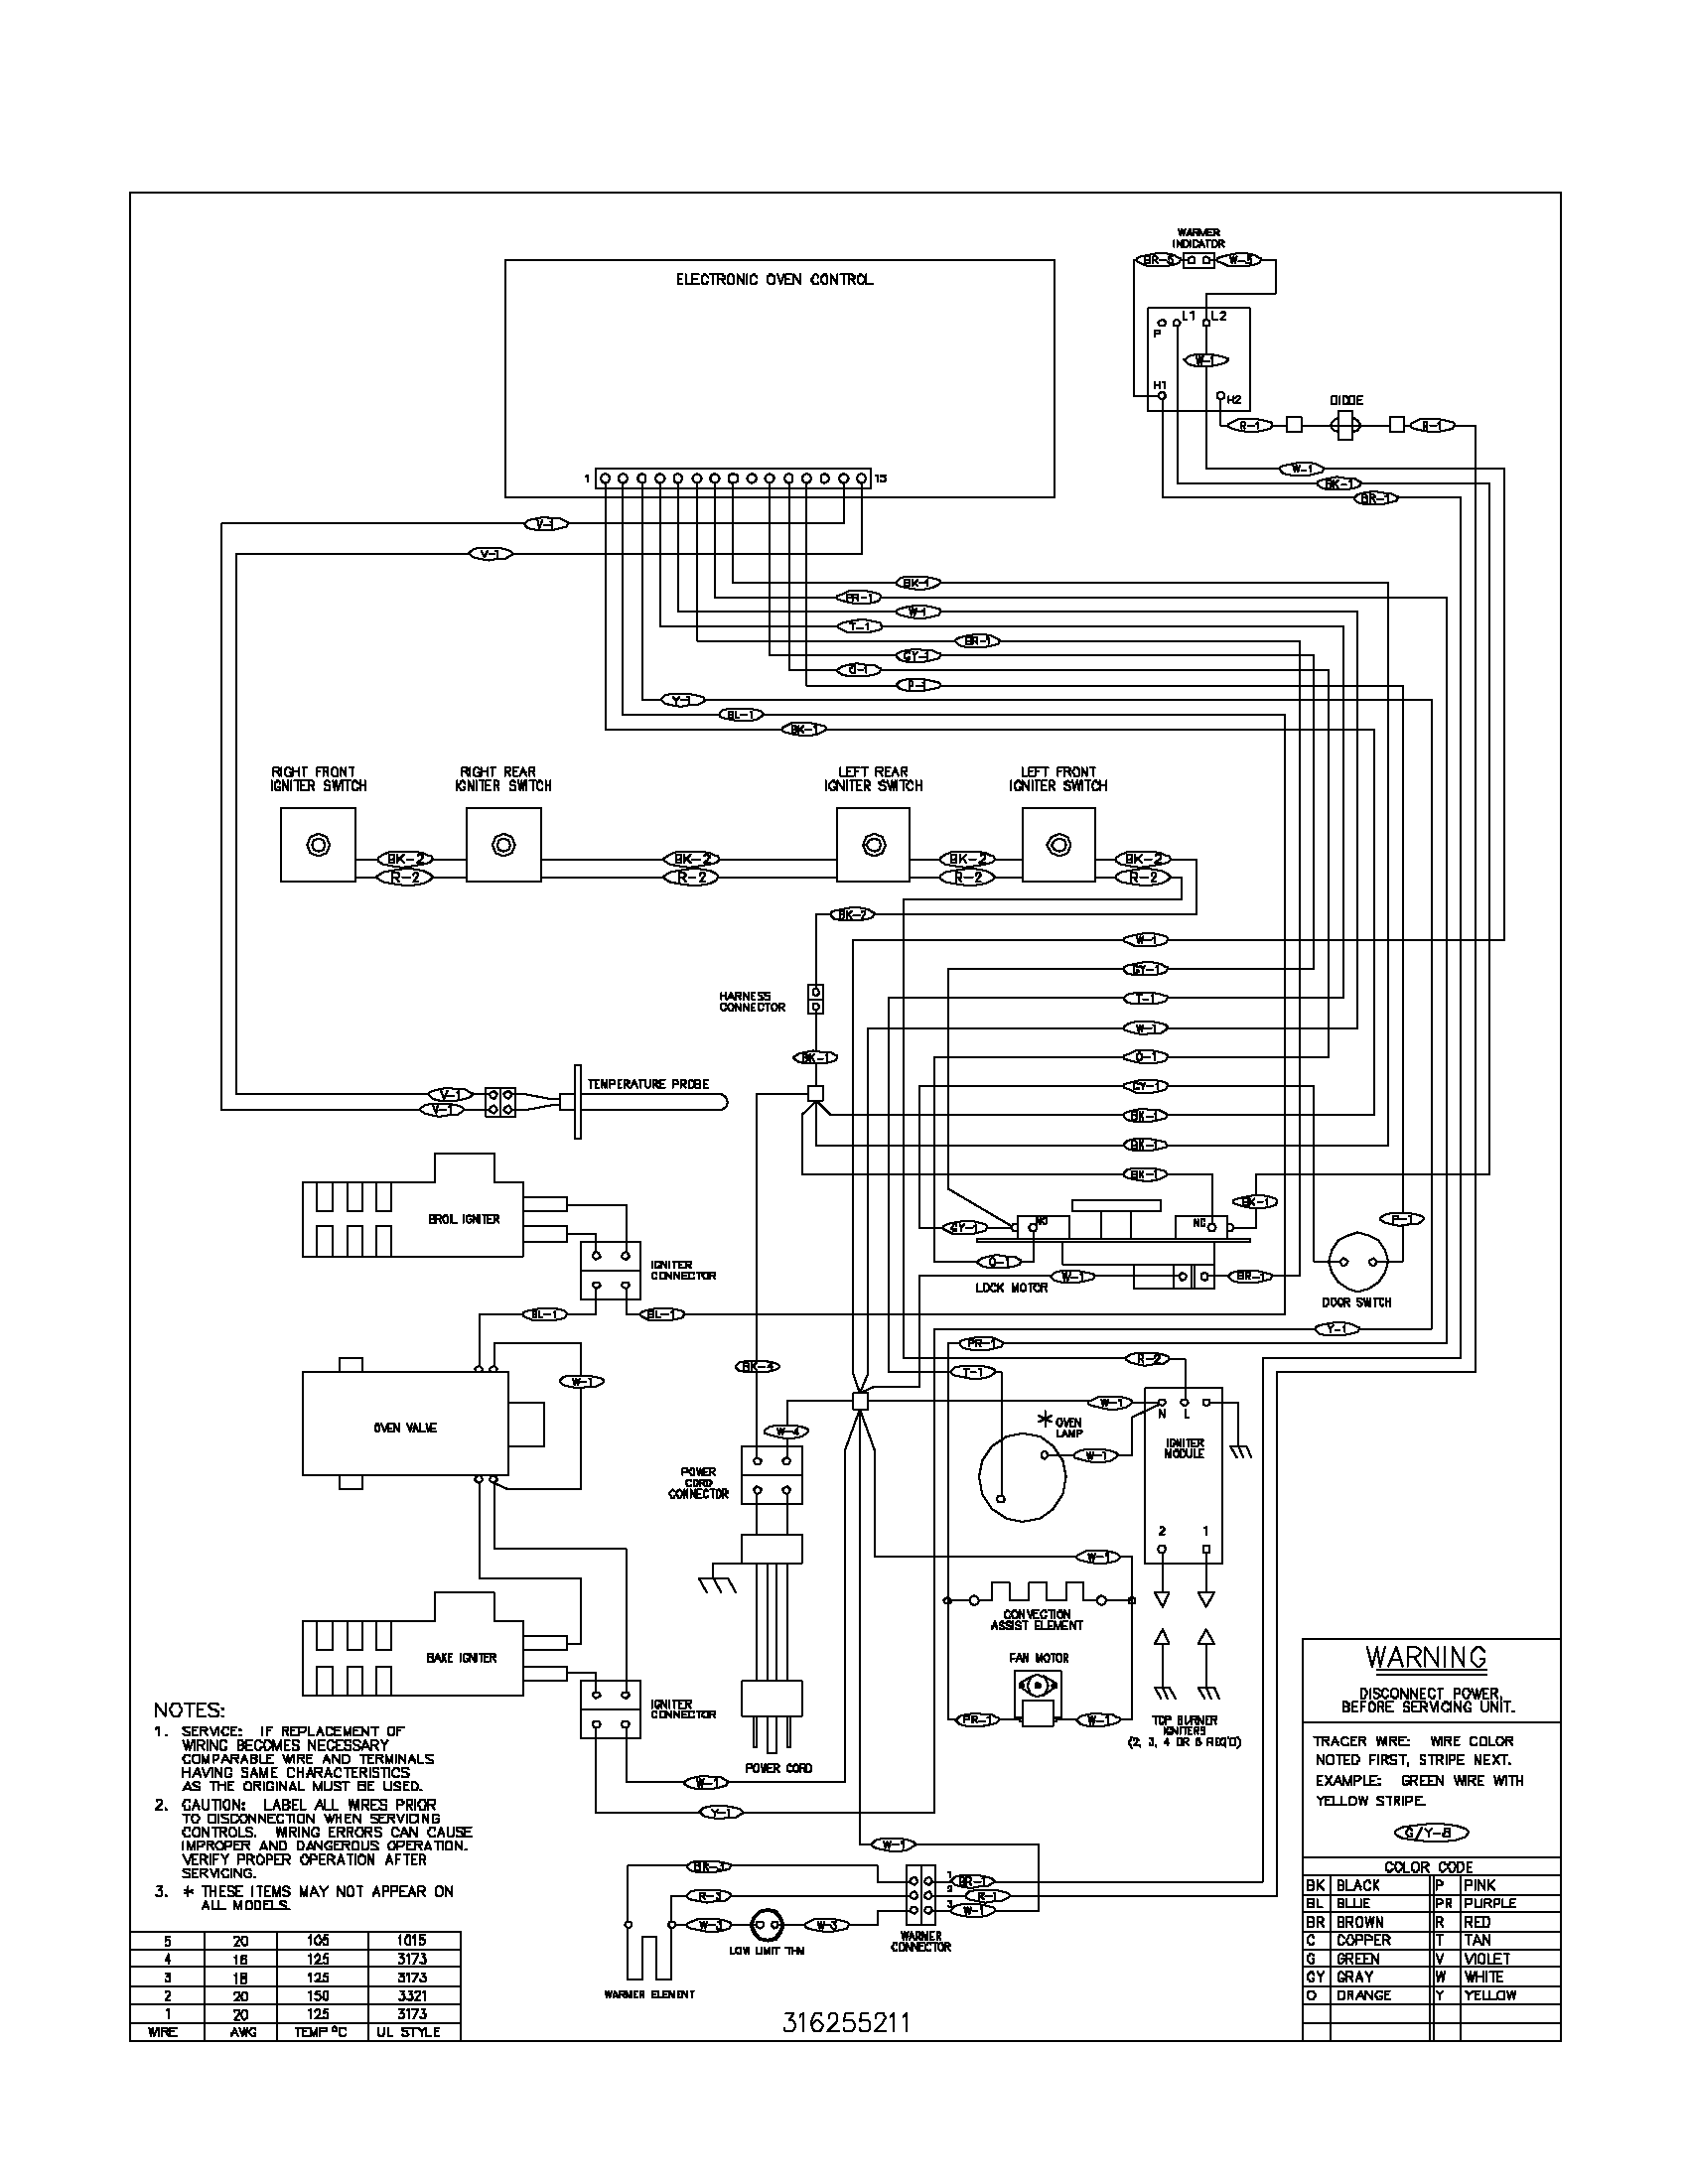 Kubota L2900 Wiring Diagram Gallery Diagram Writing Sample And Guide – Kubota M9000 Wiring Diagram